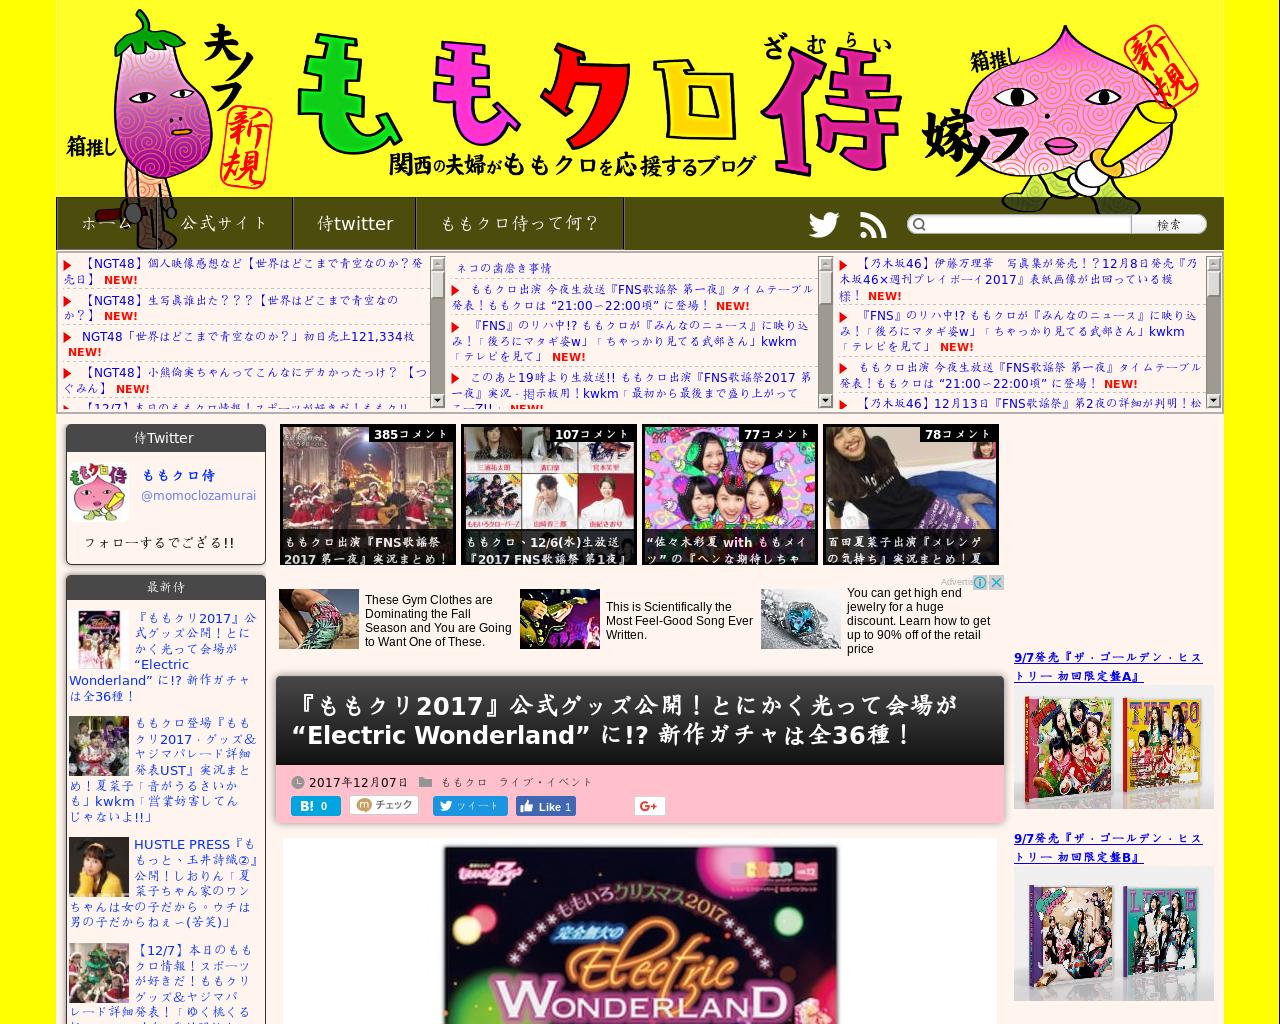 momoclozamurai.xxxblog.jp(2017/12/07 09:45:27)